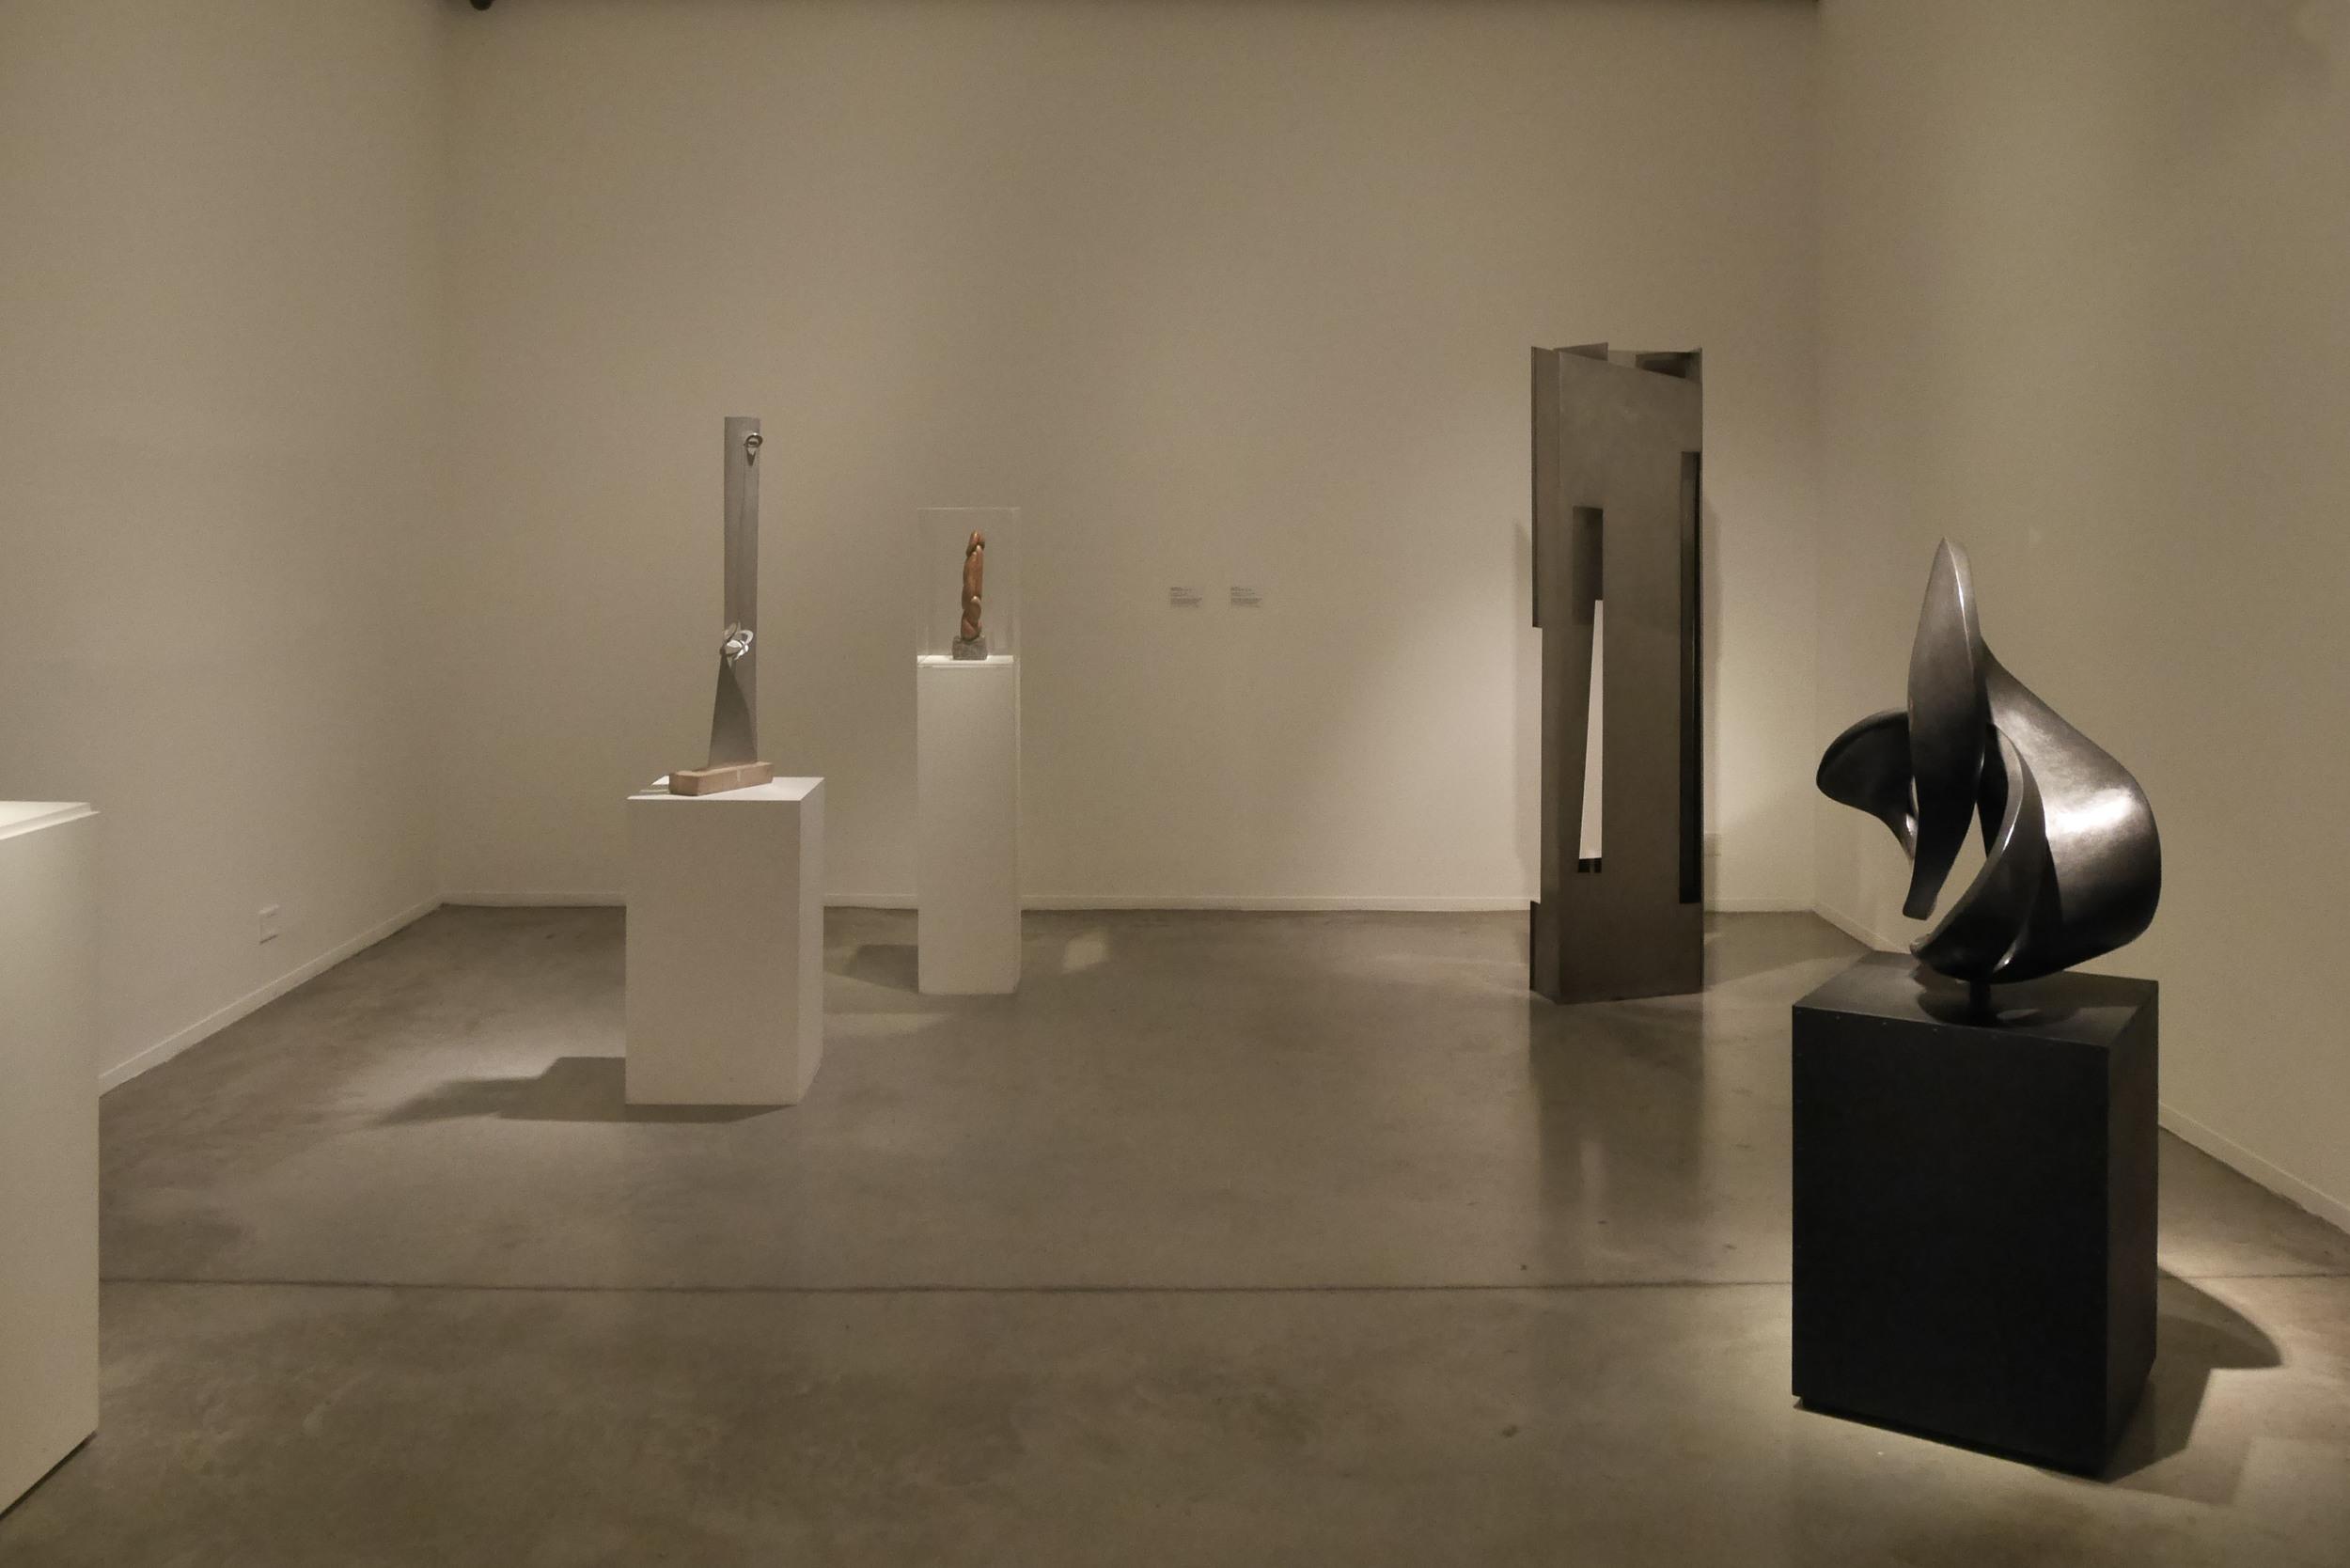 Obras de Enio Iommi y de Sesostris Vitullo. Museo de Arte Moderno de Buenos Aires. Foto: Leonardo Antoniadis.